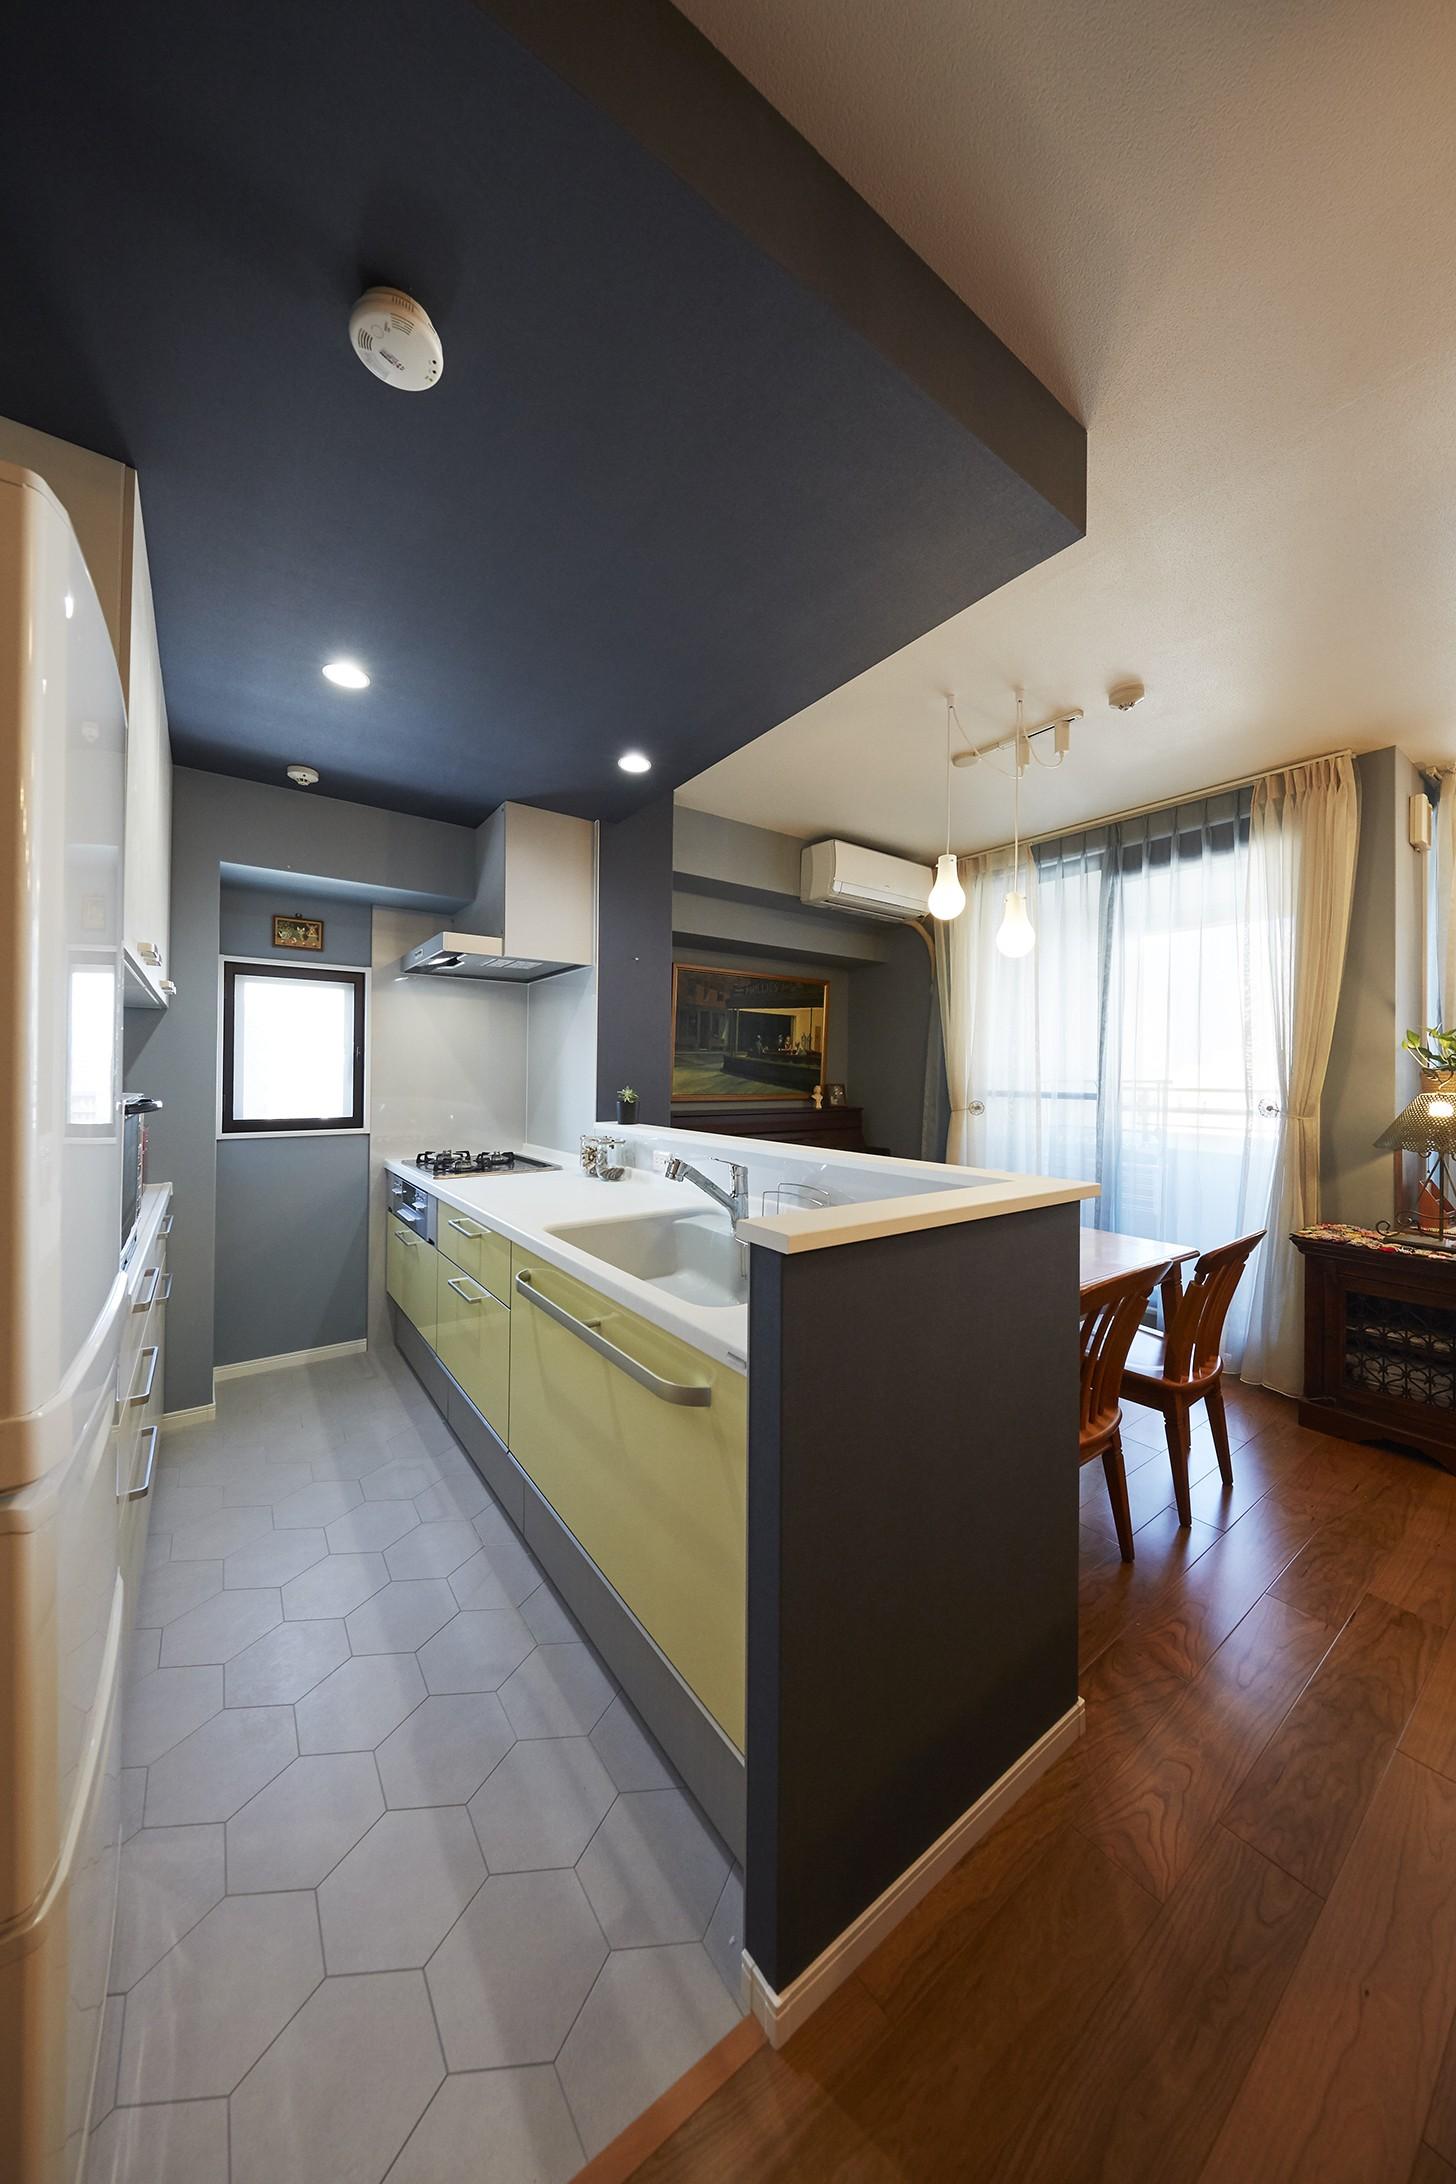 """キッチン事例:ブルーのアクセントクロスでメリハリのあるキッチン空間(造作棚でコレクションを効率良く収納。""""見せる収納""""が主役のお家)"""